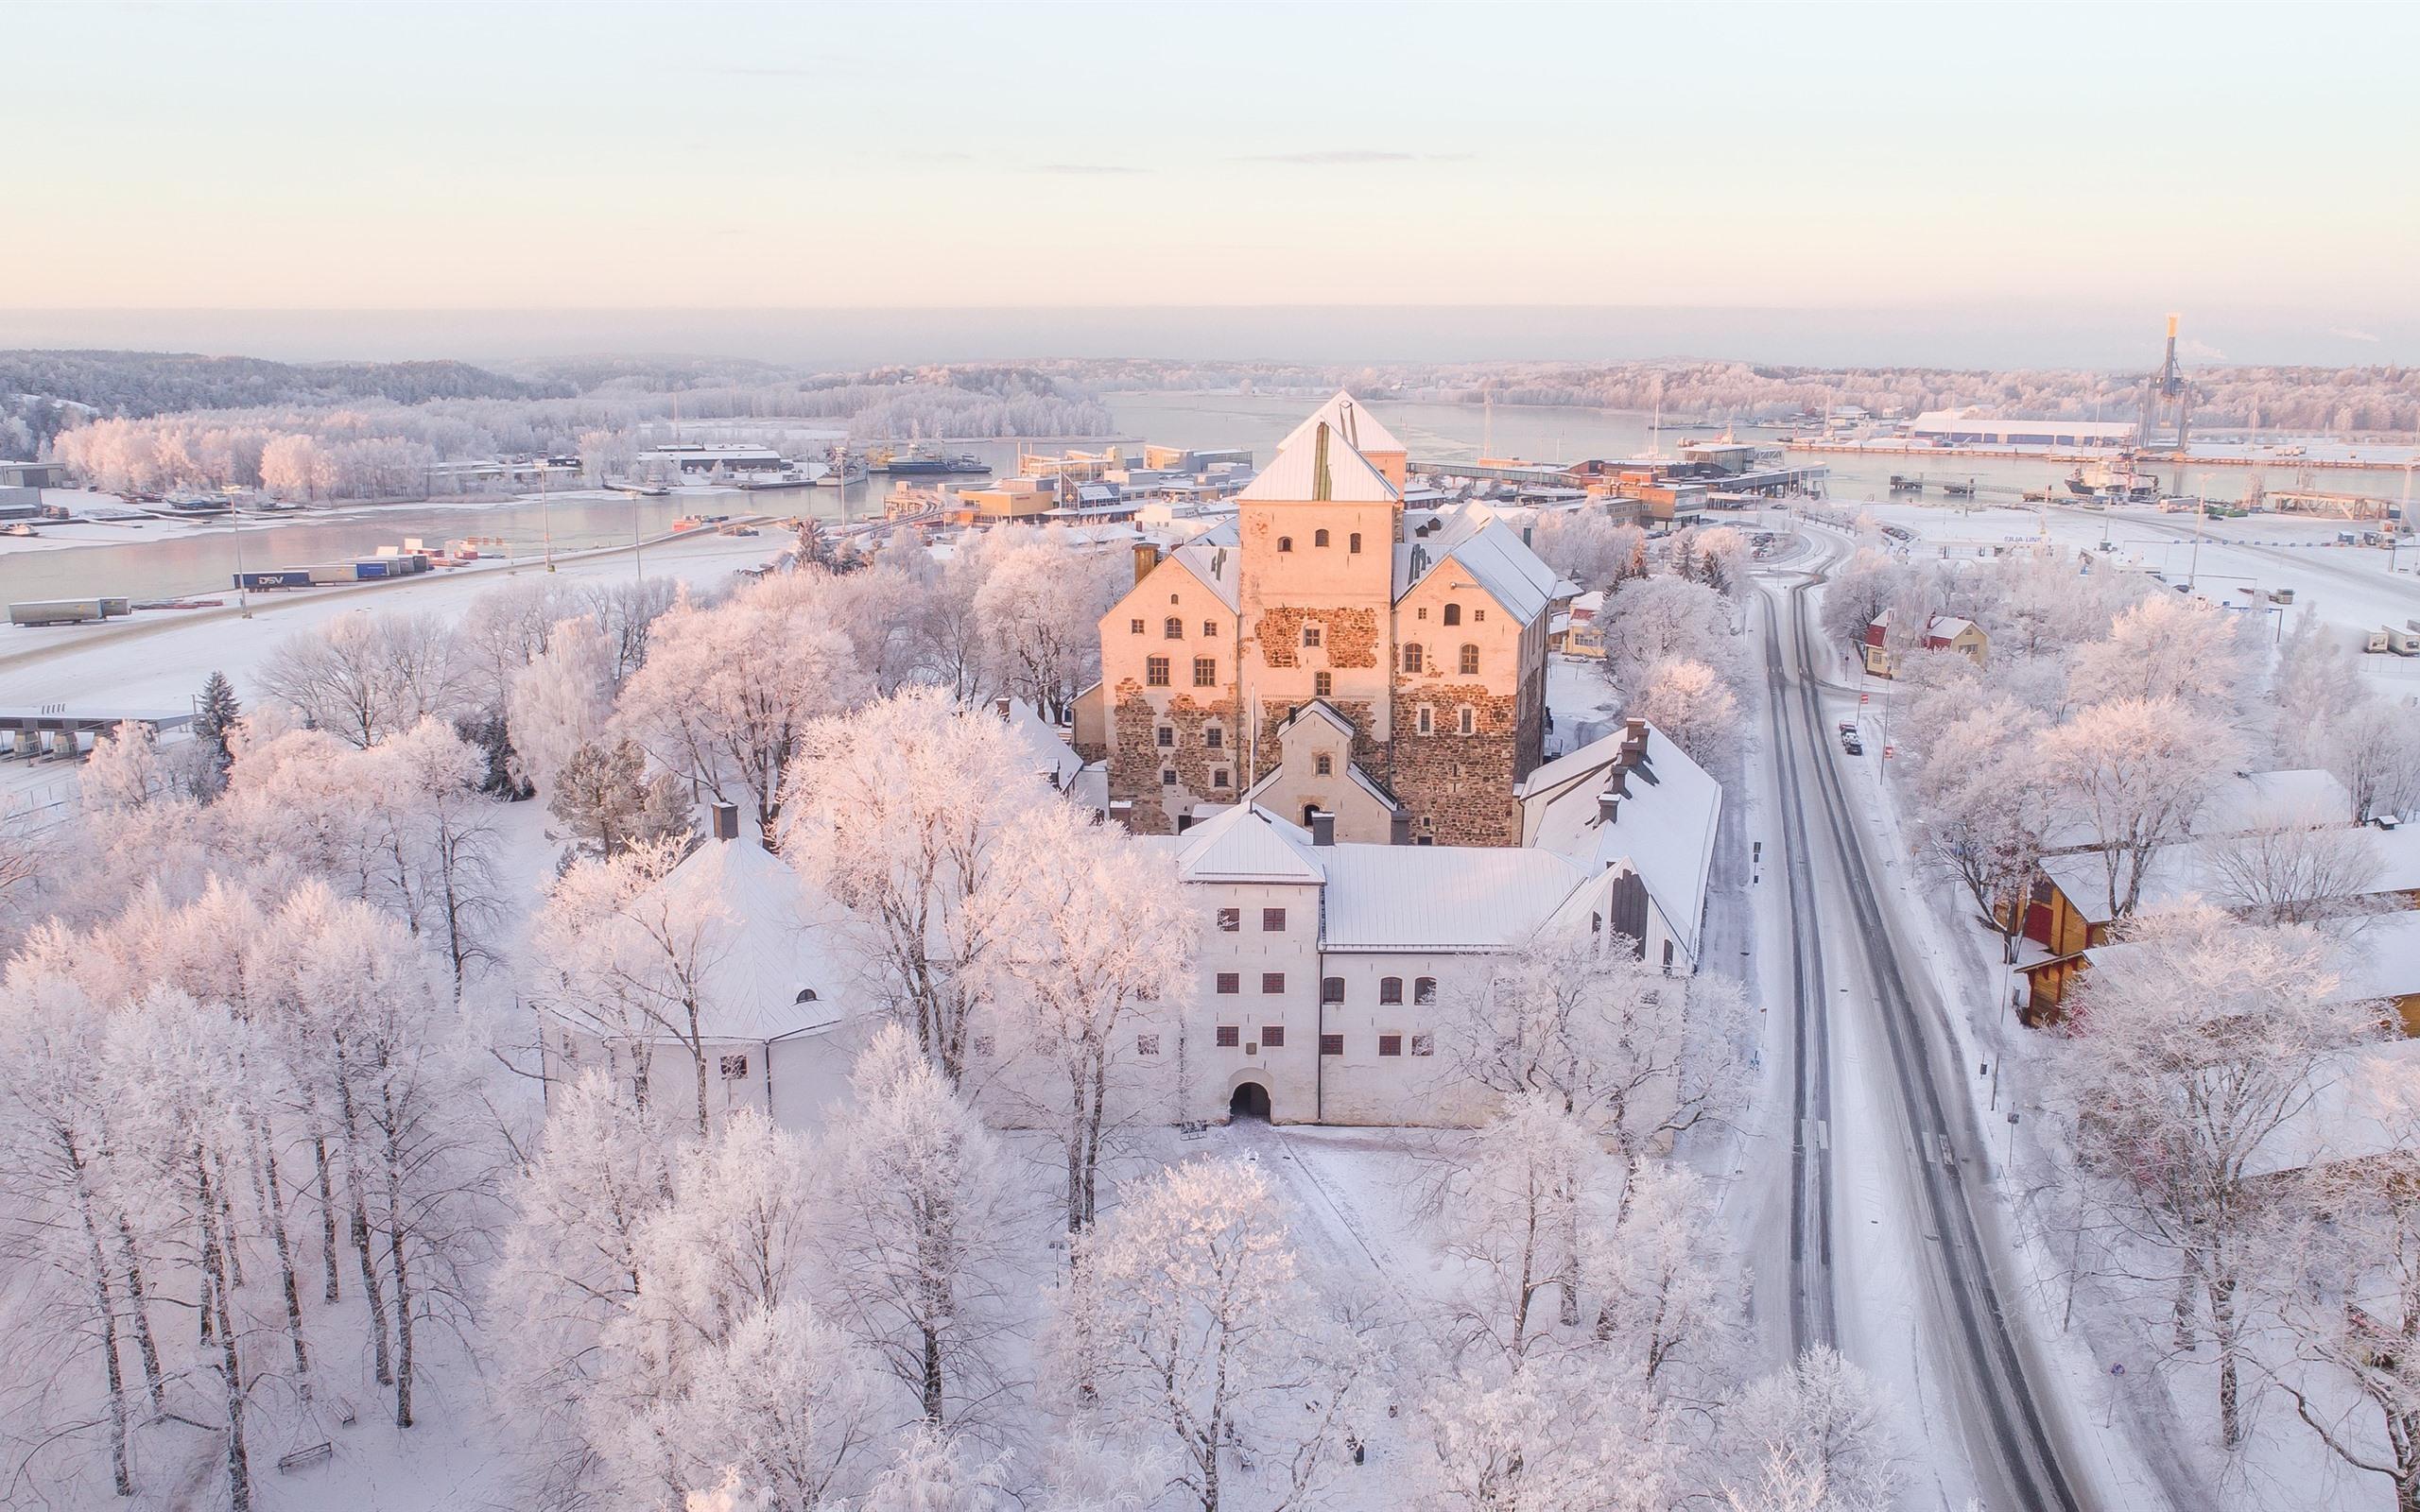 финляндия турку достопримечательности фото сможете представить себе